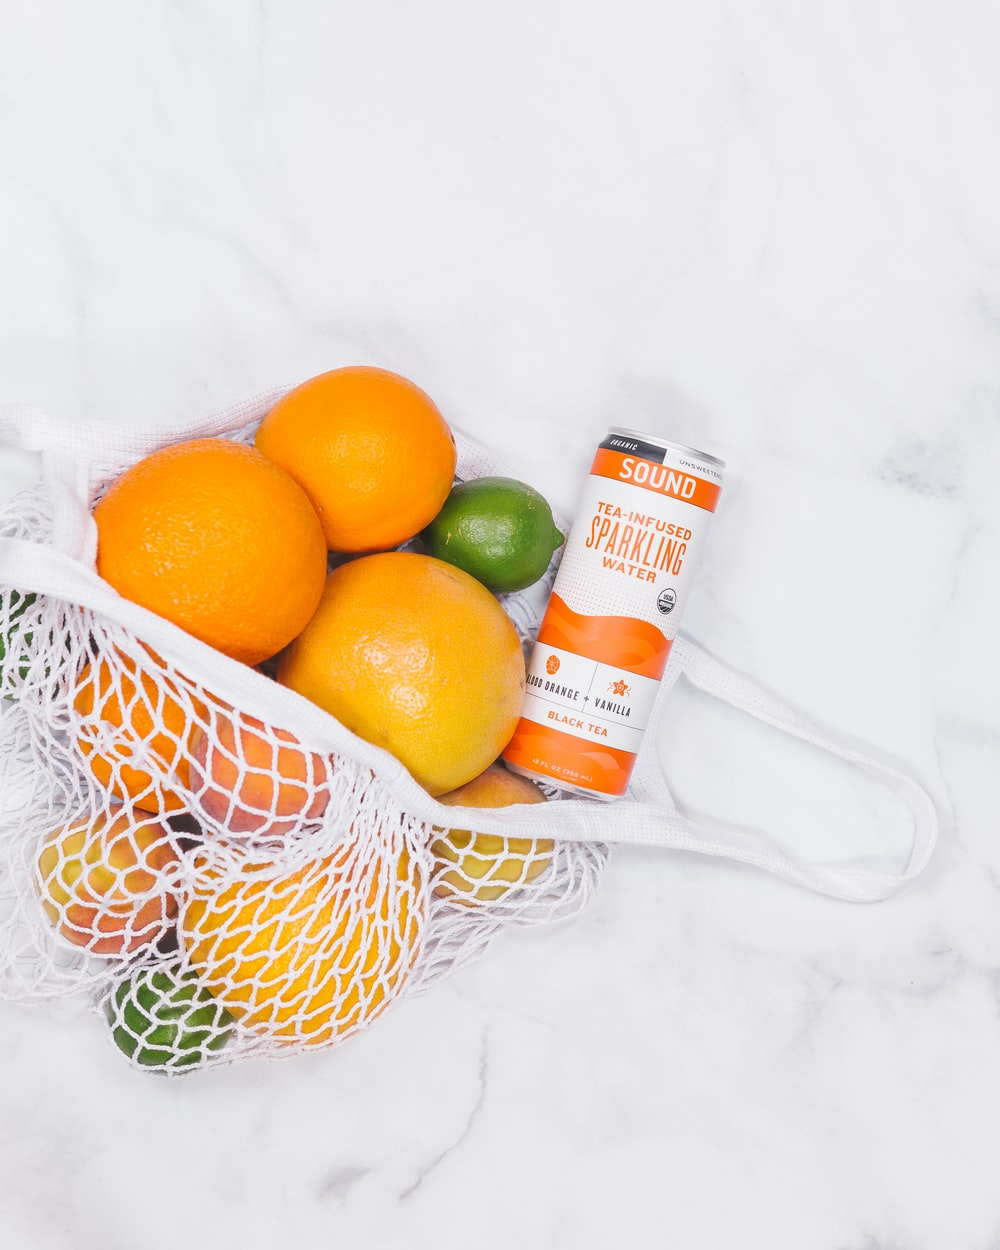 bag of citrus fruits